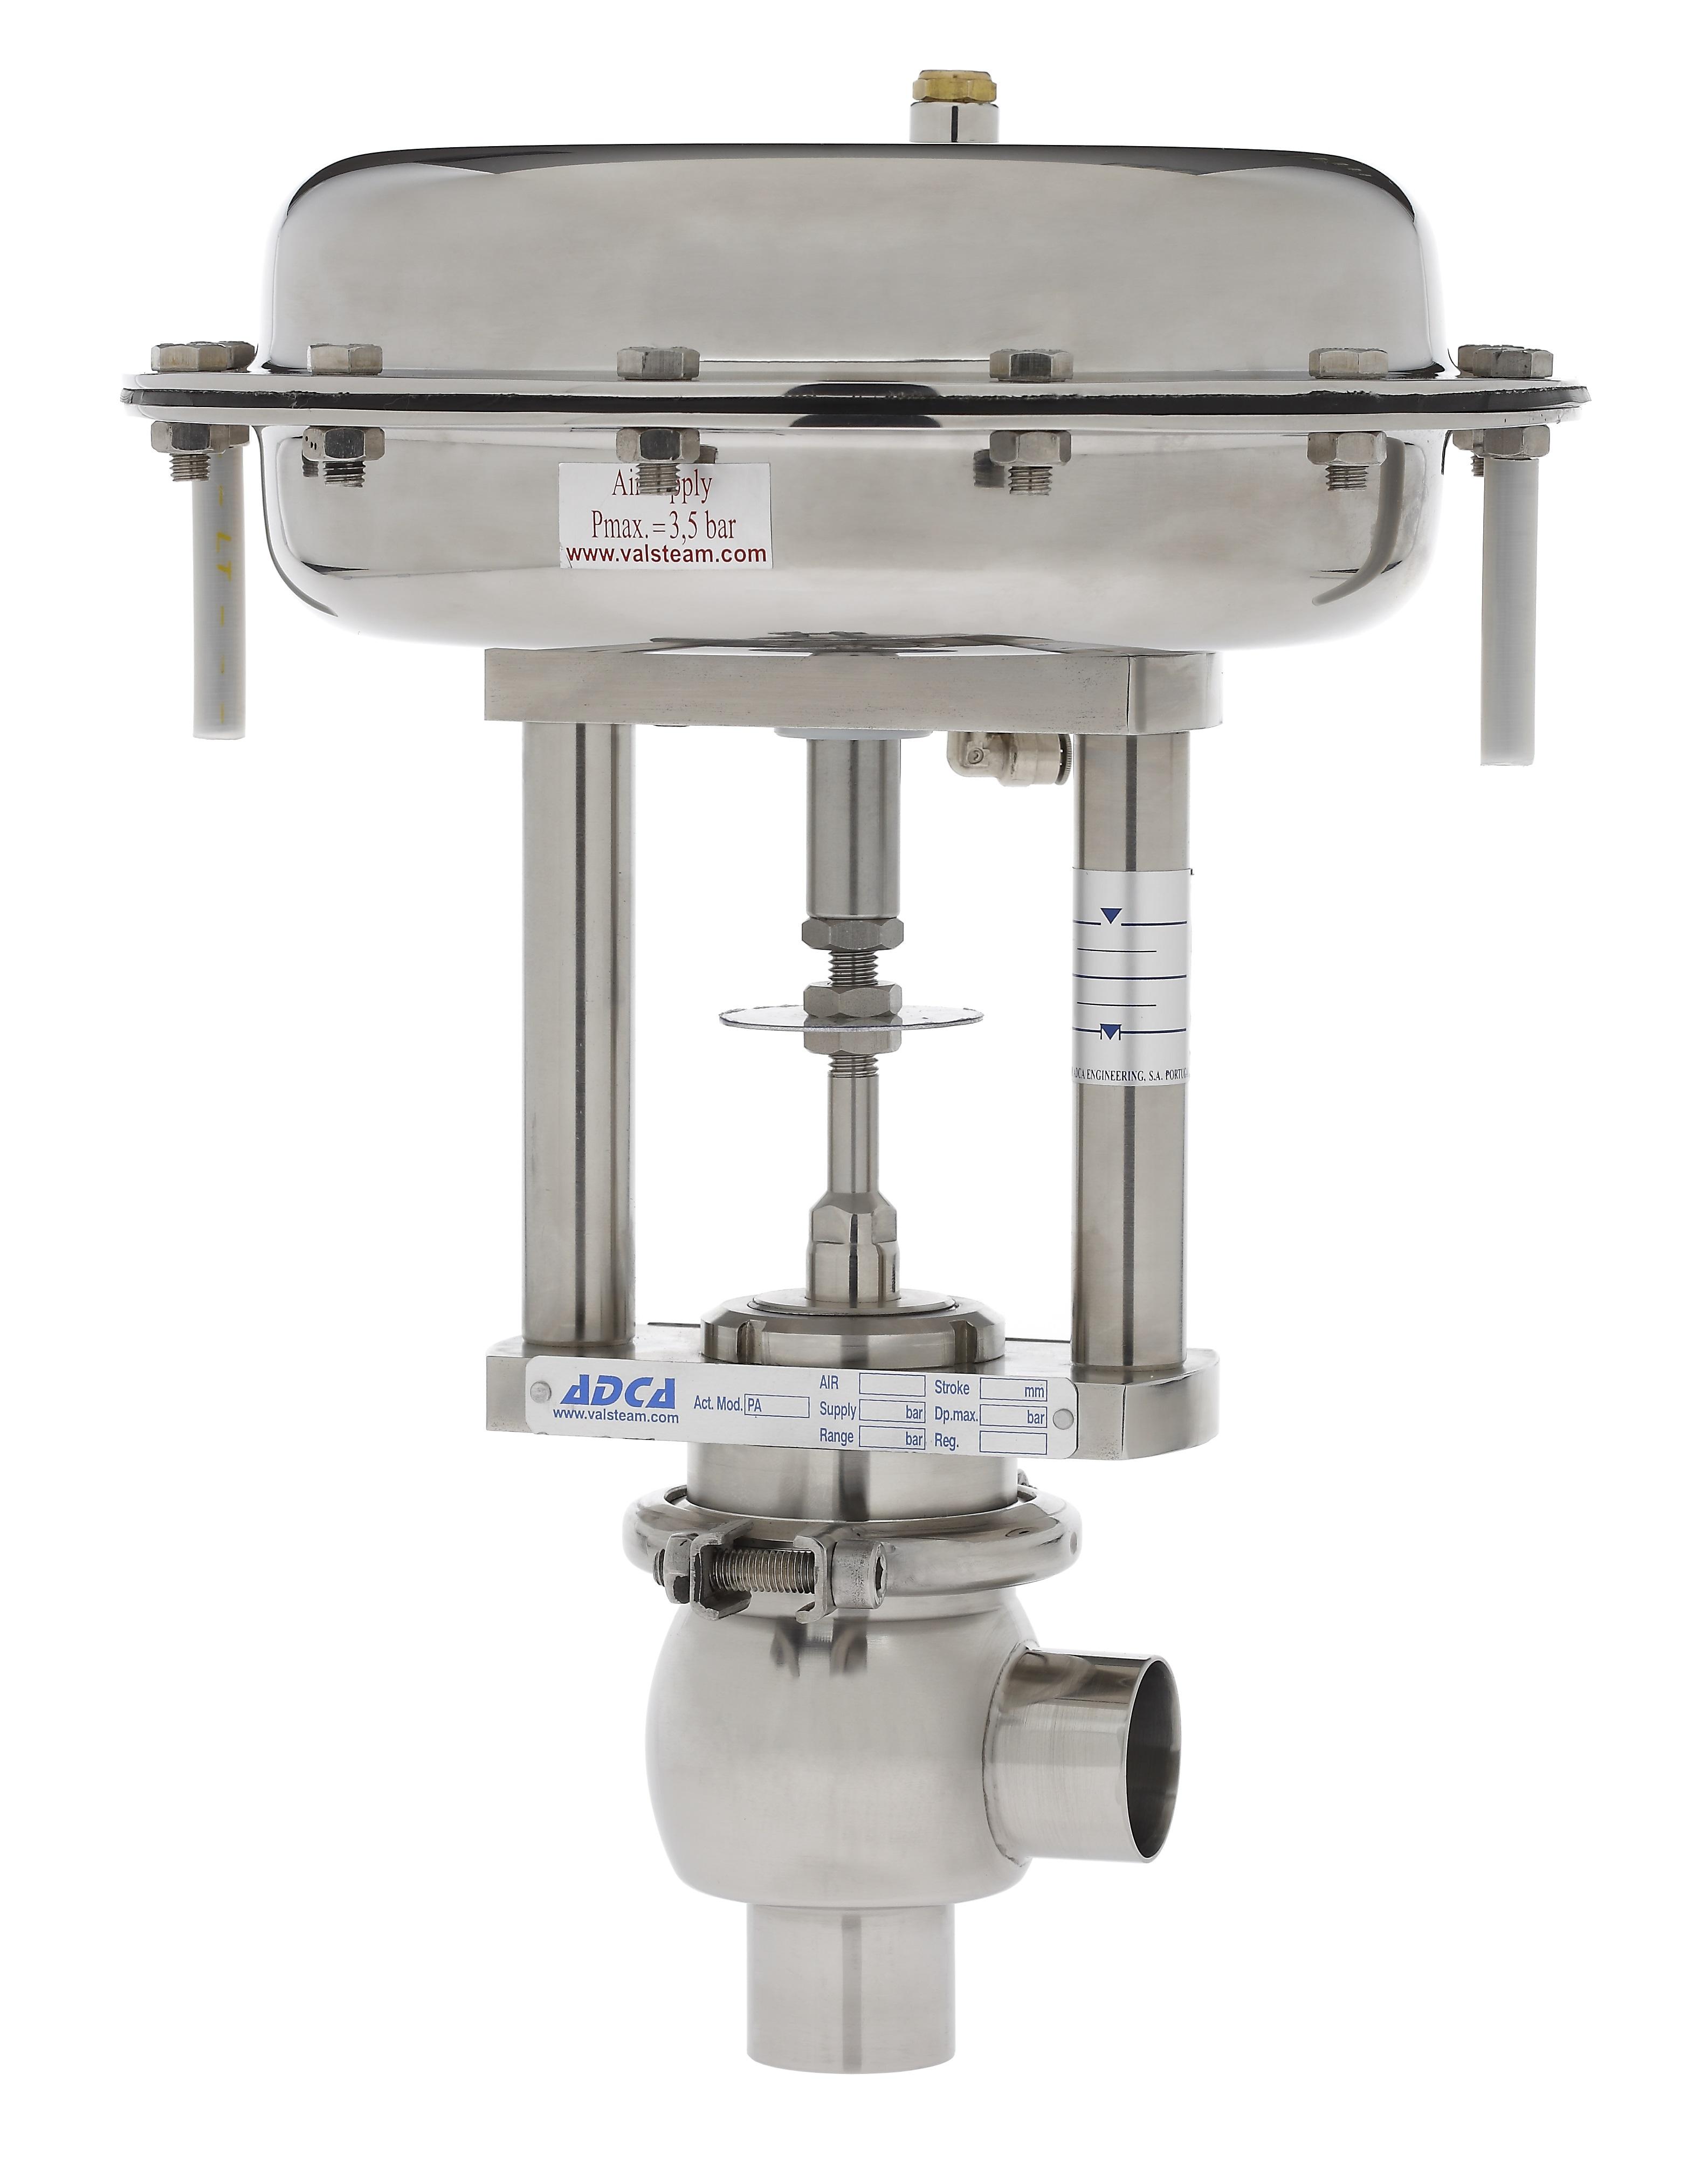 pv928 pressure reducing valve. Black Bedroom Furniture Sets. Home Design Ideas